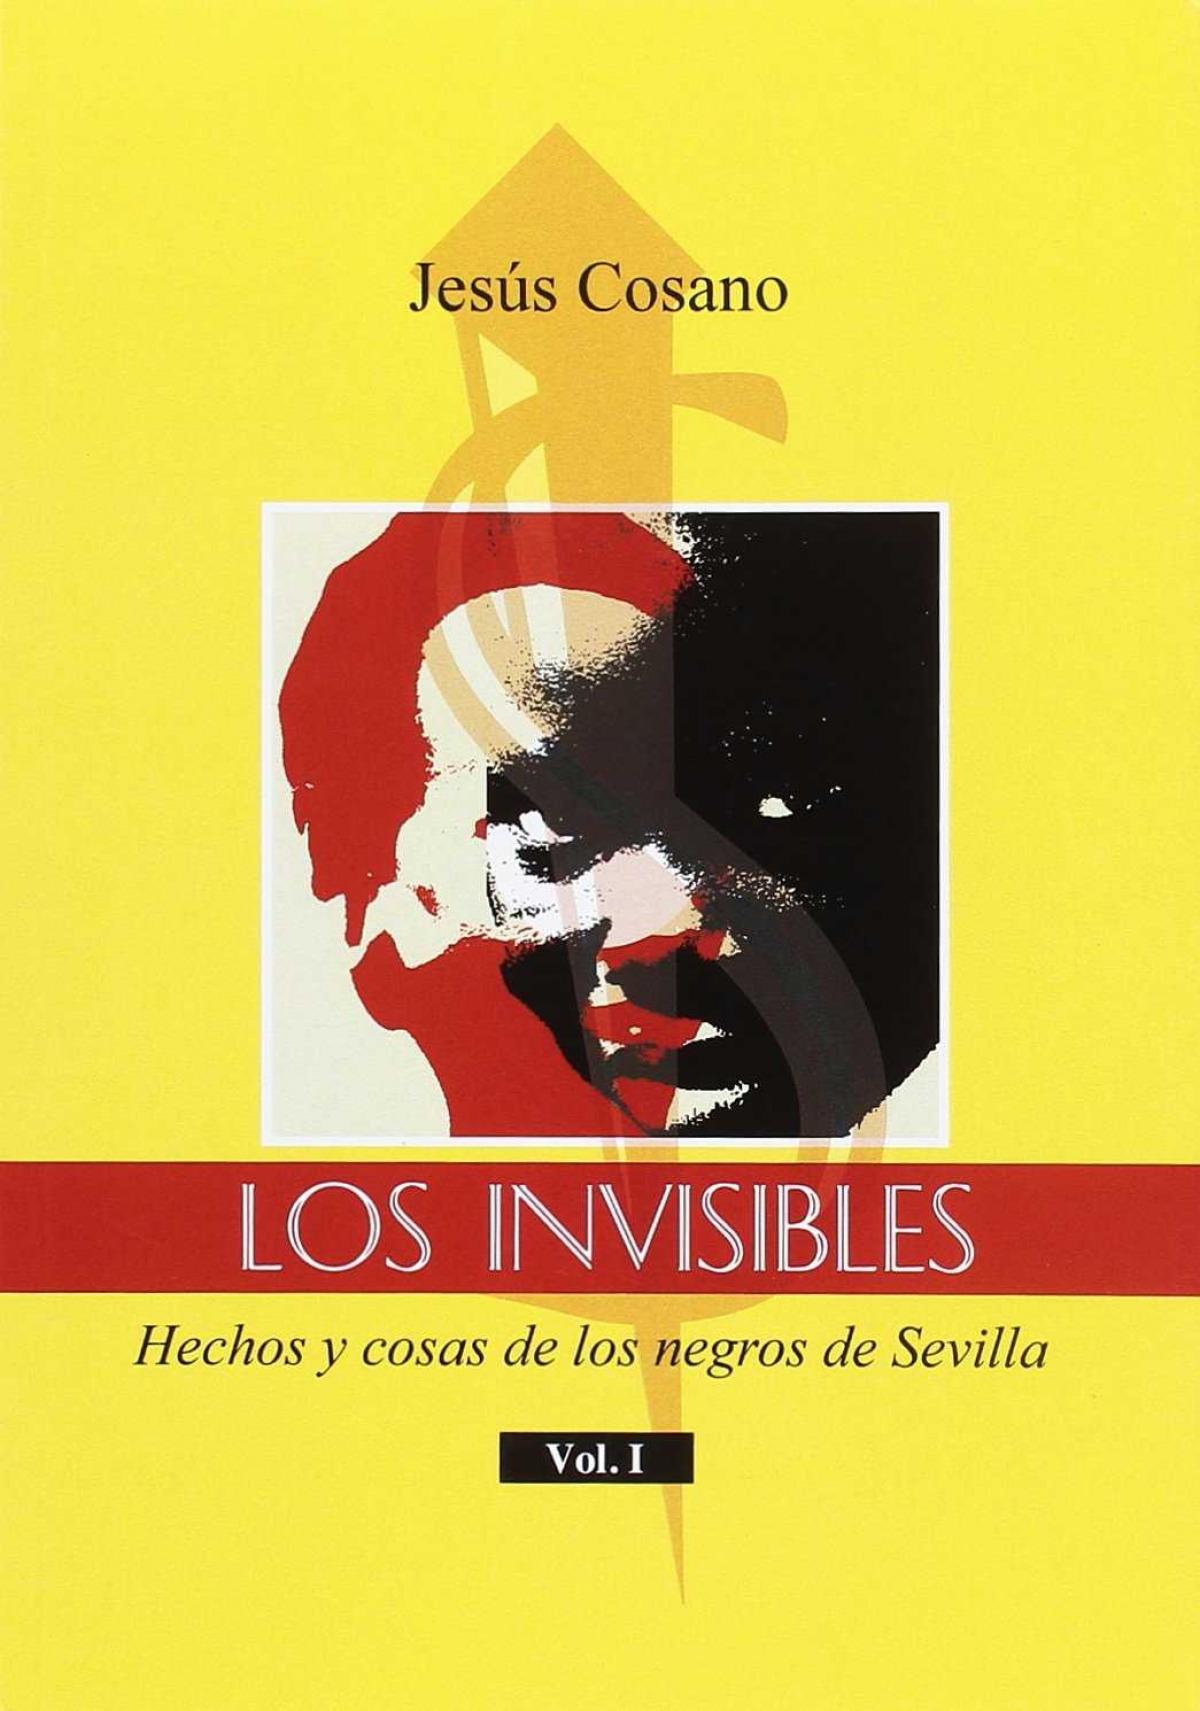 Hechos y cosas de los negros en Sevilla